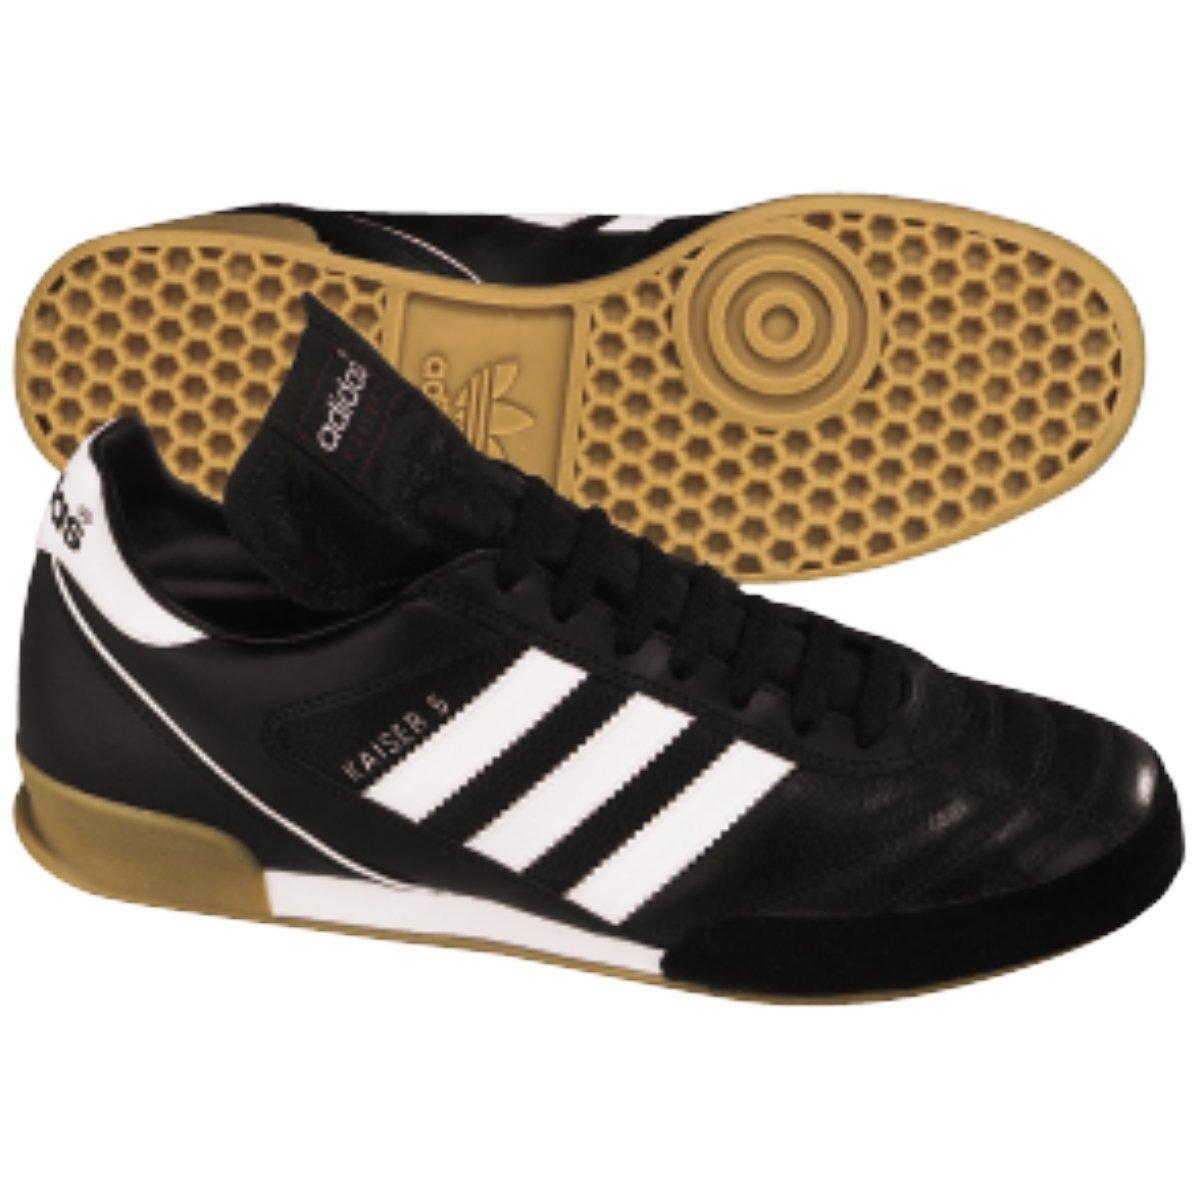 indoor court shoes adidas kaiser 5 goal. Black Bedroom Furniture Sets. Home Design Ideas